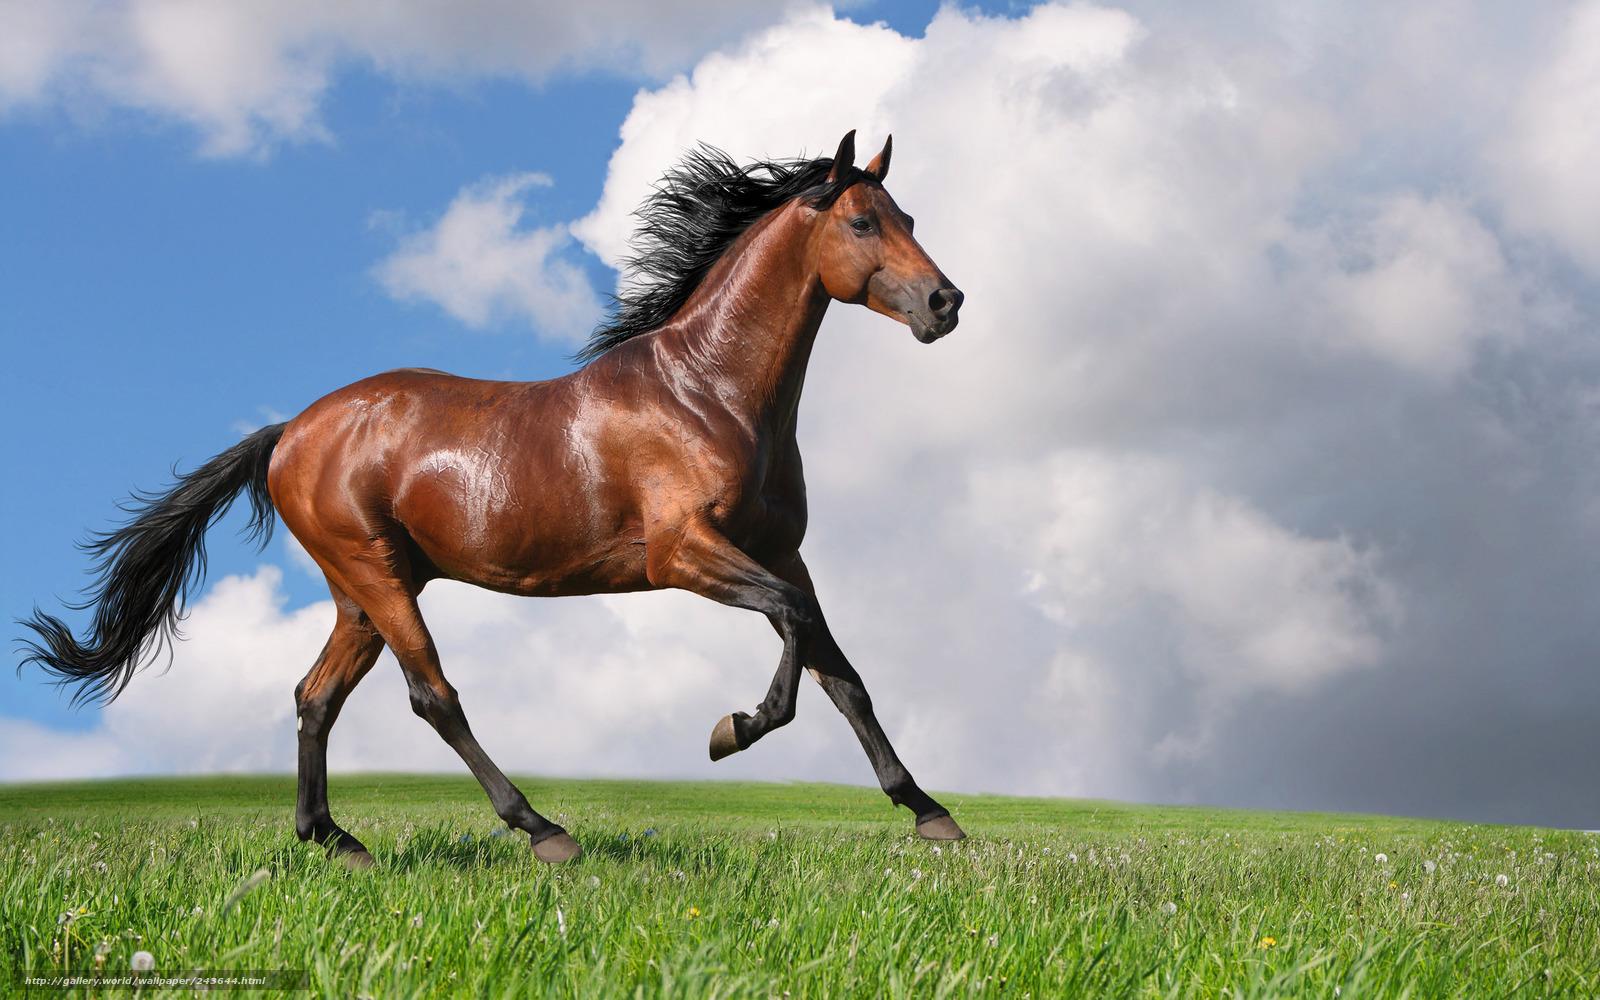 Tlcharger Fond d'ecran cheval, cheval, baie Fonds d'ecran gratuits pour votre rsolution du ...